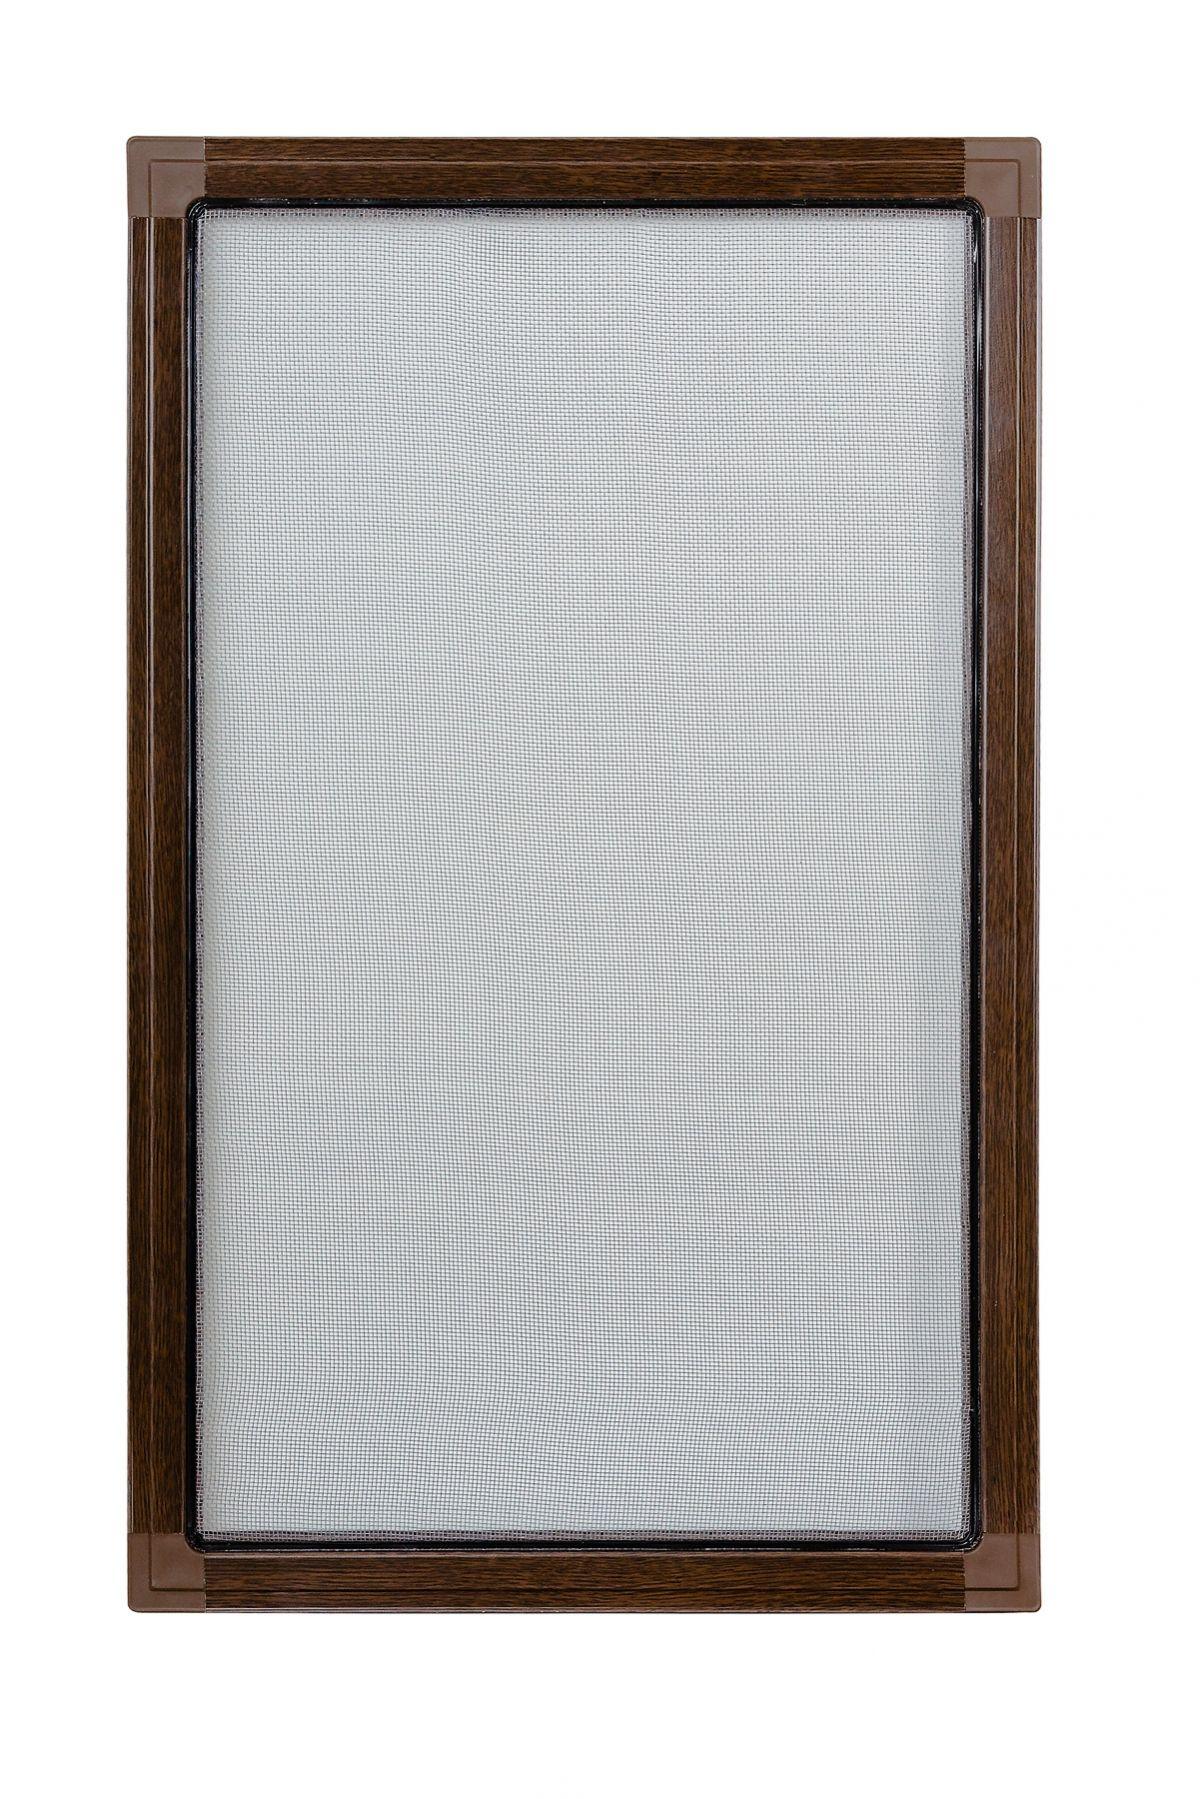 Moskitiery okienne Moskitiera ramkowa - orzech, siatka czarna